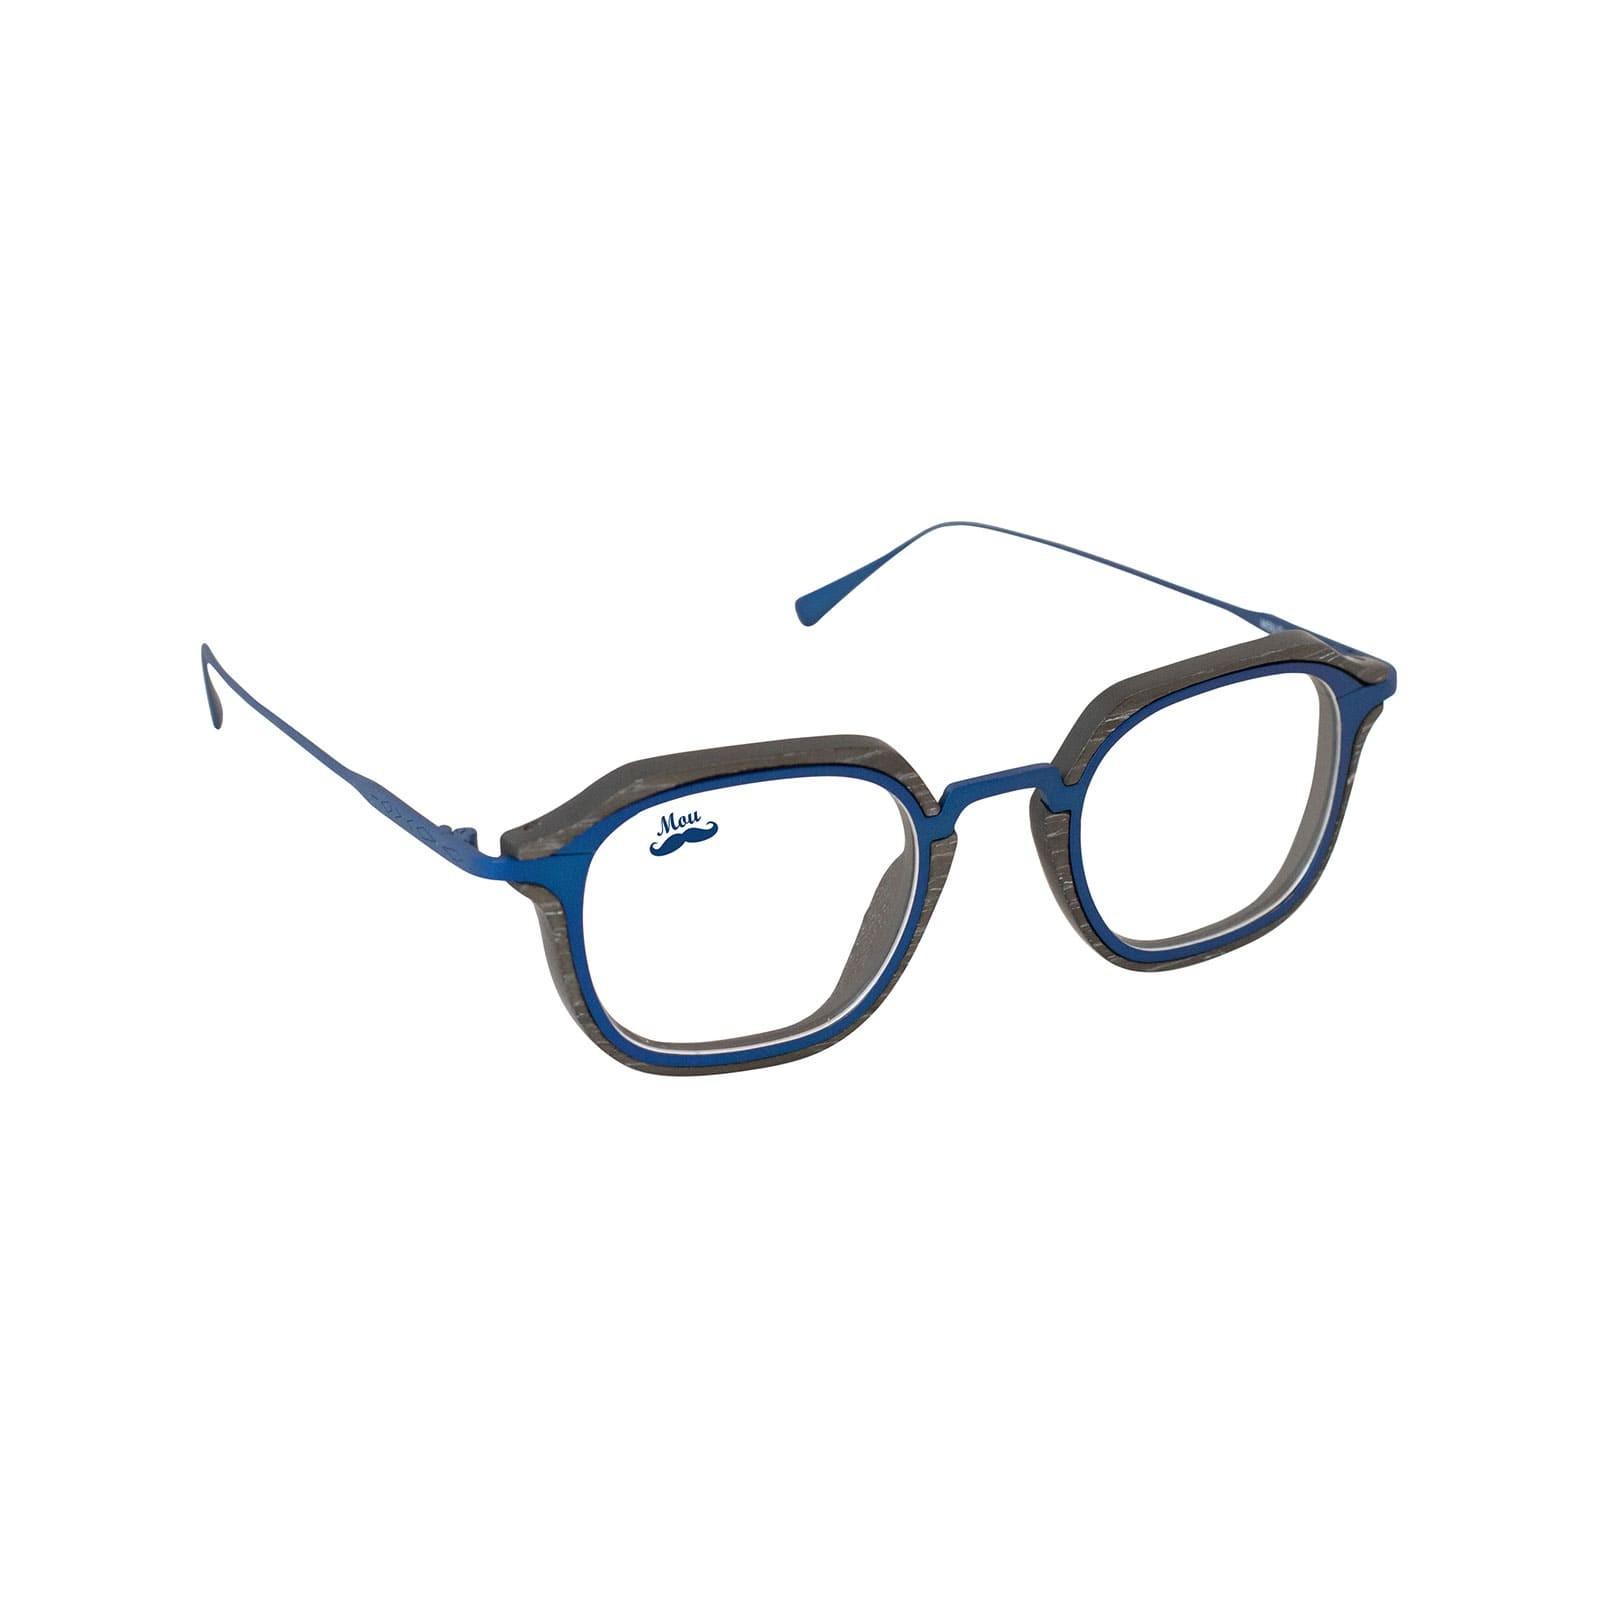 Lunettes en bois et titane bleu - modèle optique Zerua EDEN COLLECTION